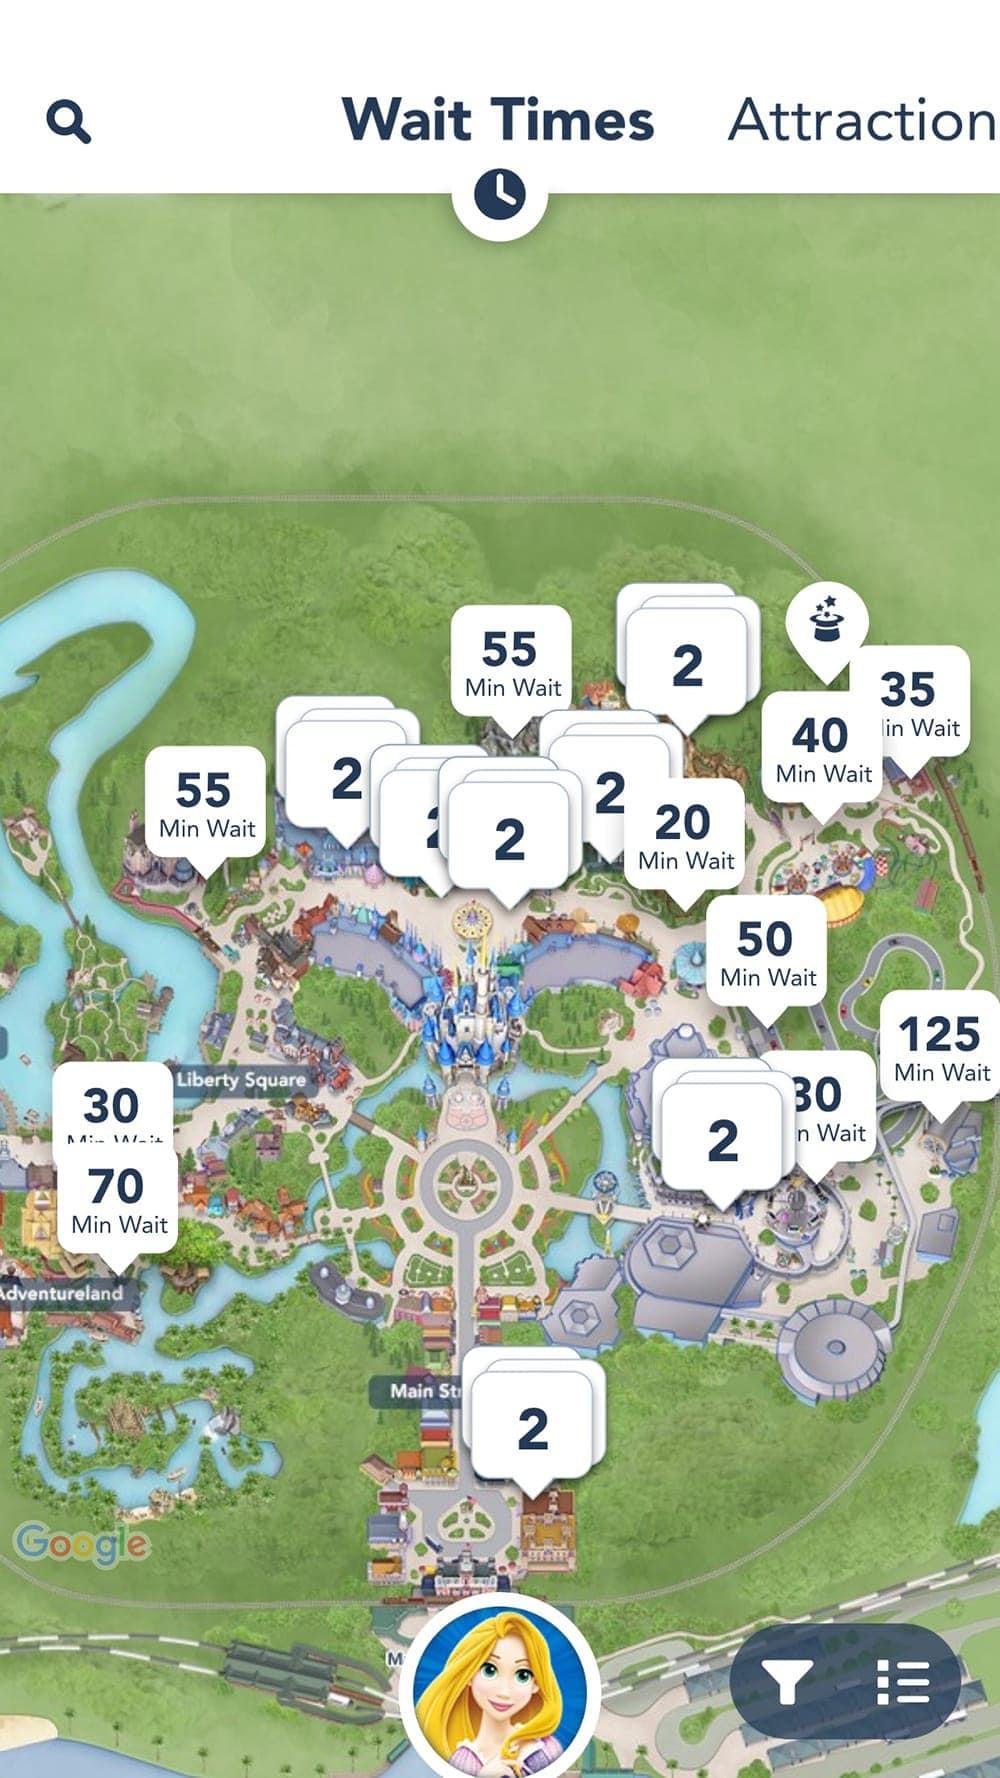 Houston blogger Meg O. on the Go shares the My Disney Experience app